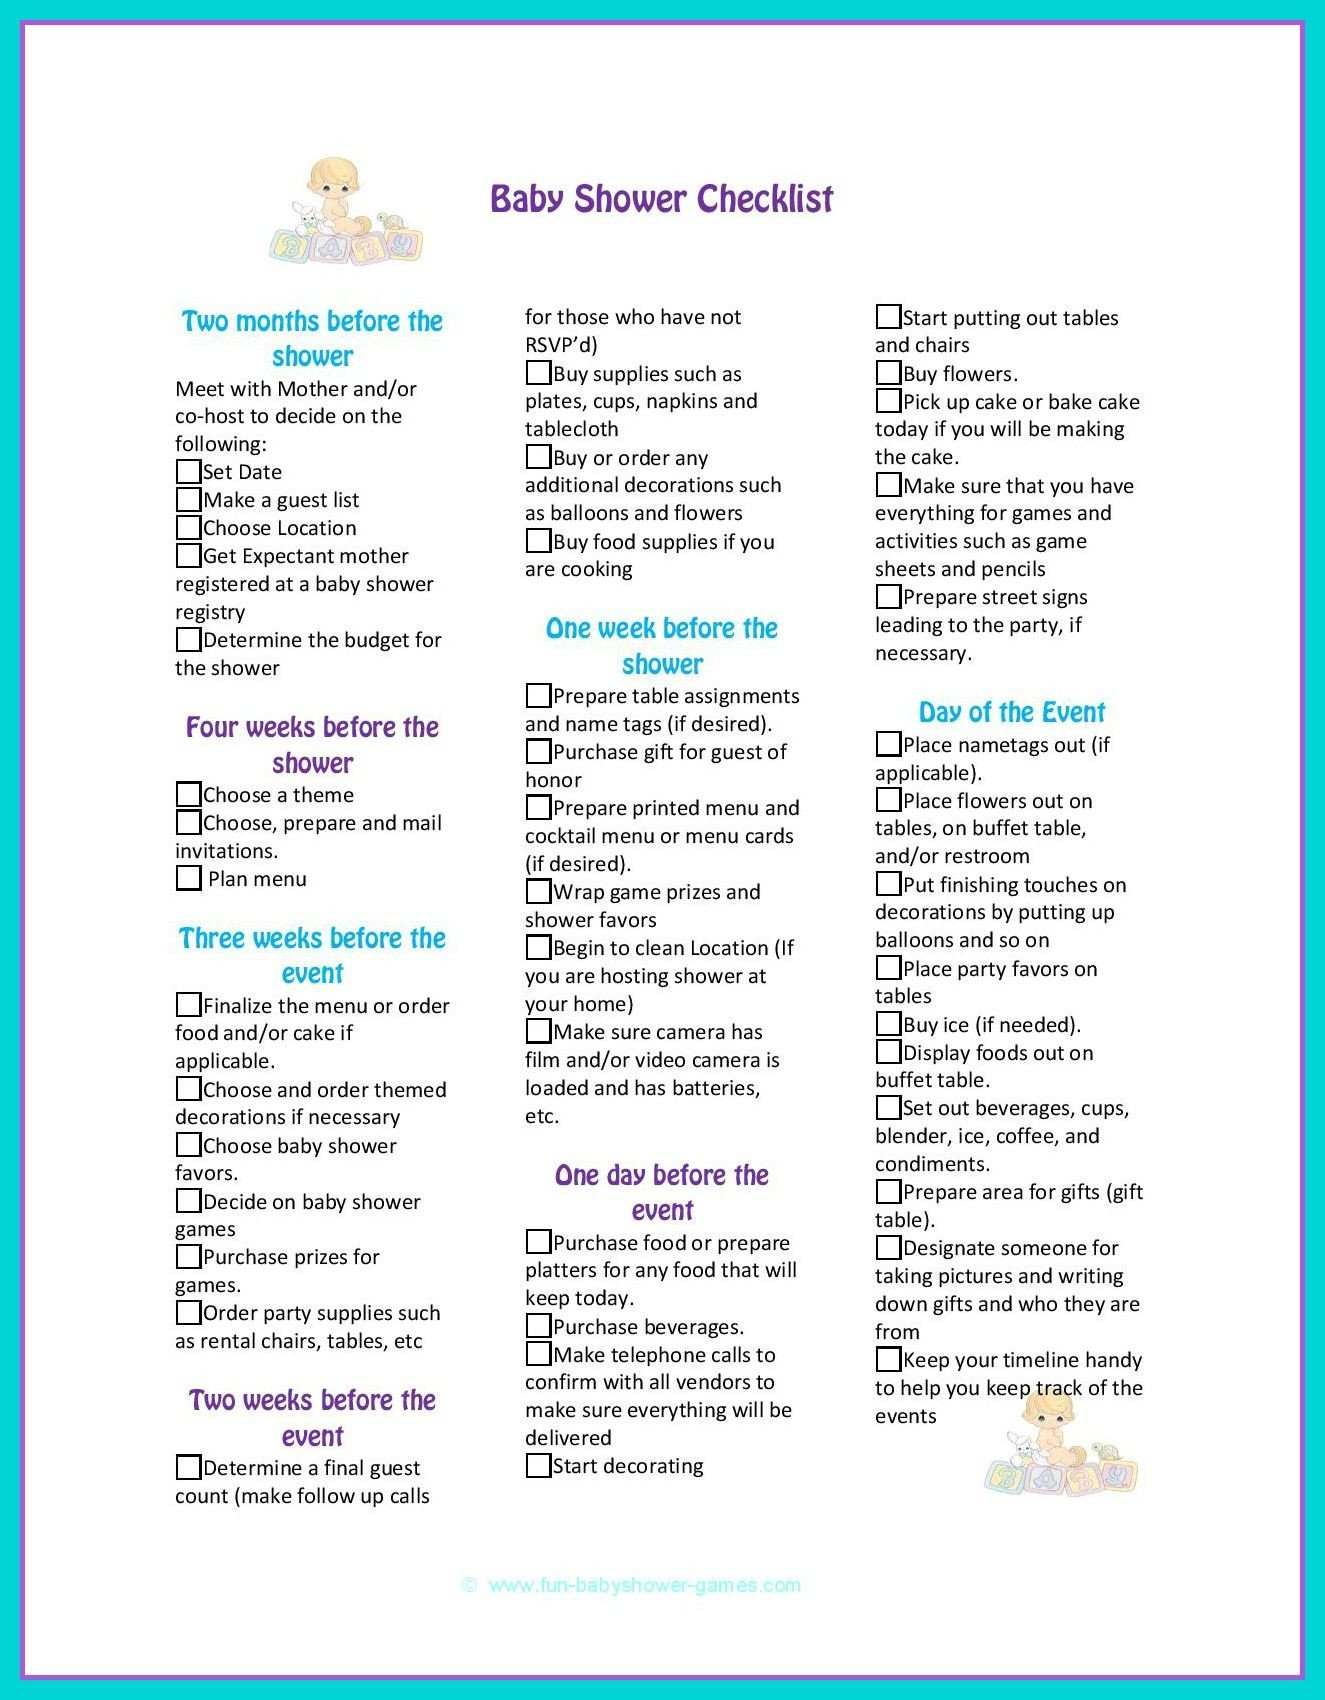 Baby Shower Planning Checklist Baby Shower Checklist to Help Plan the Perfect Baby Shower